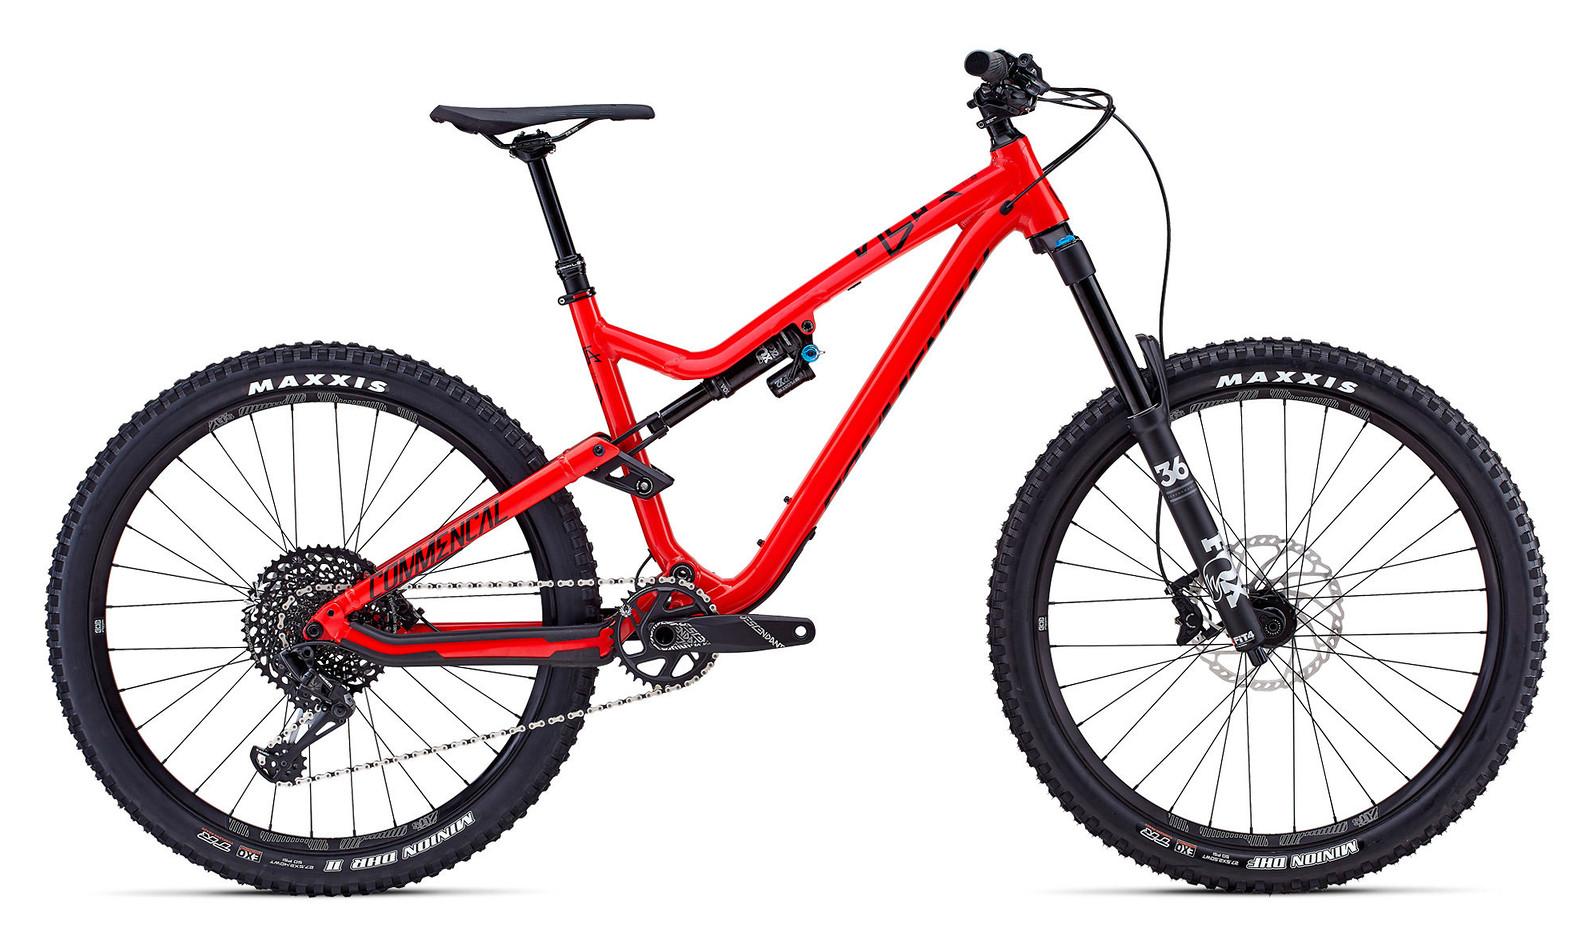 2018 Commencal Meta AM V4.2 Essential Bike